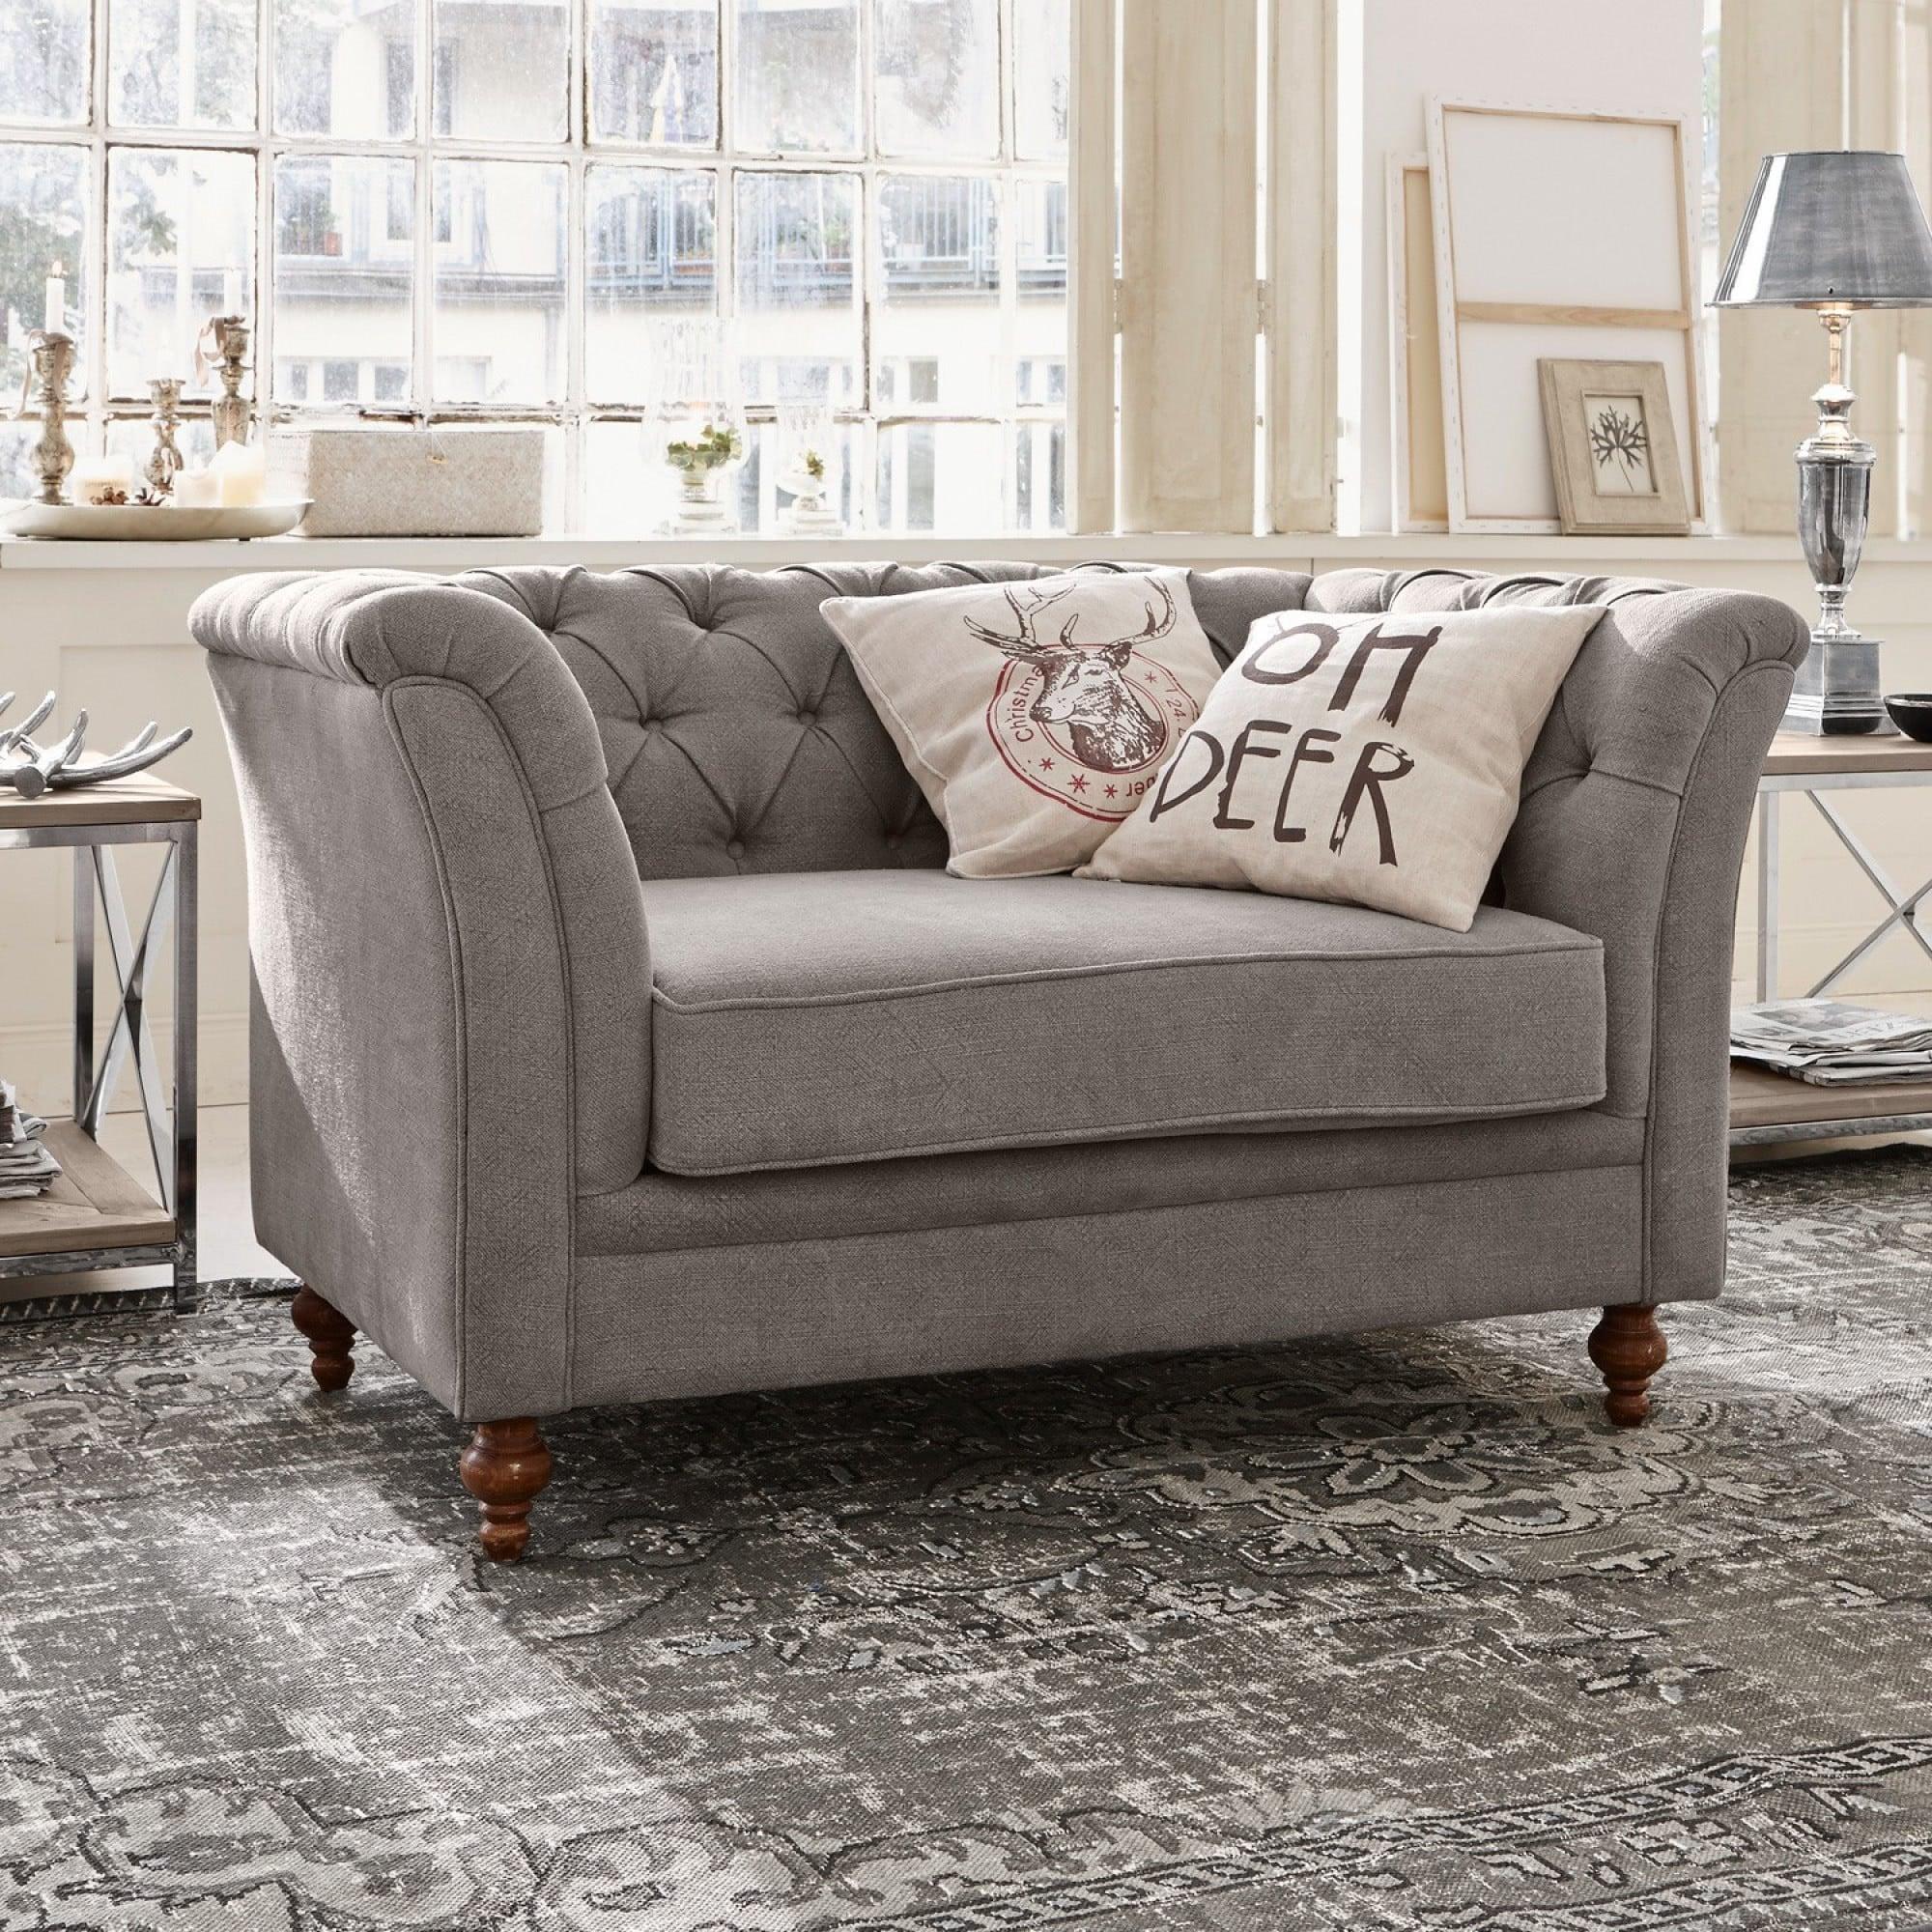 Wohnzimmerz Couch Tiefe Sitzflache With Latium Leder Wohnlandschaft